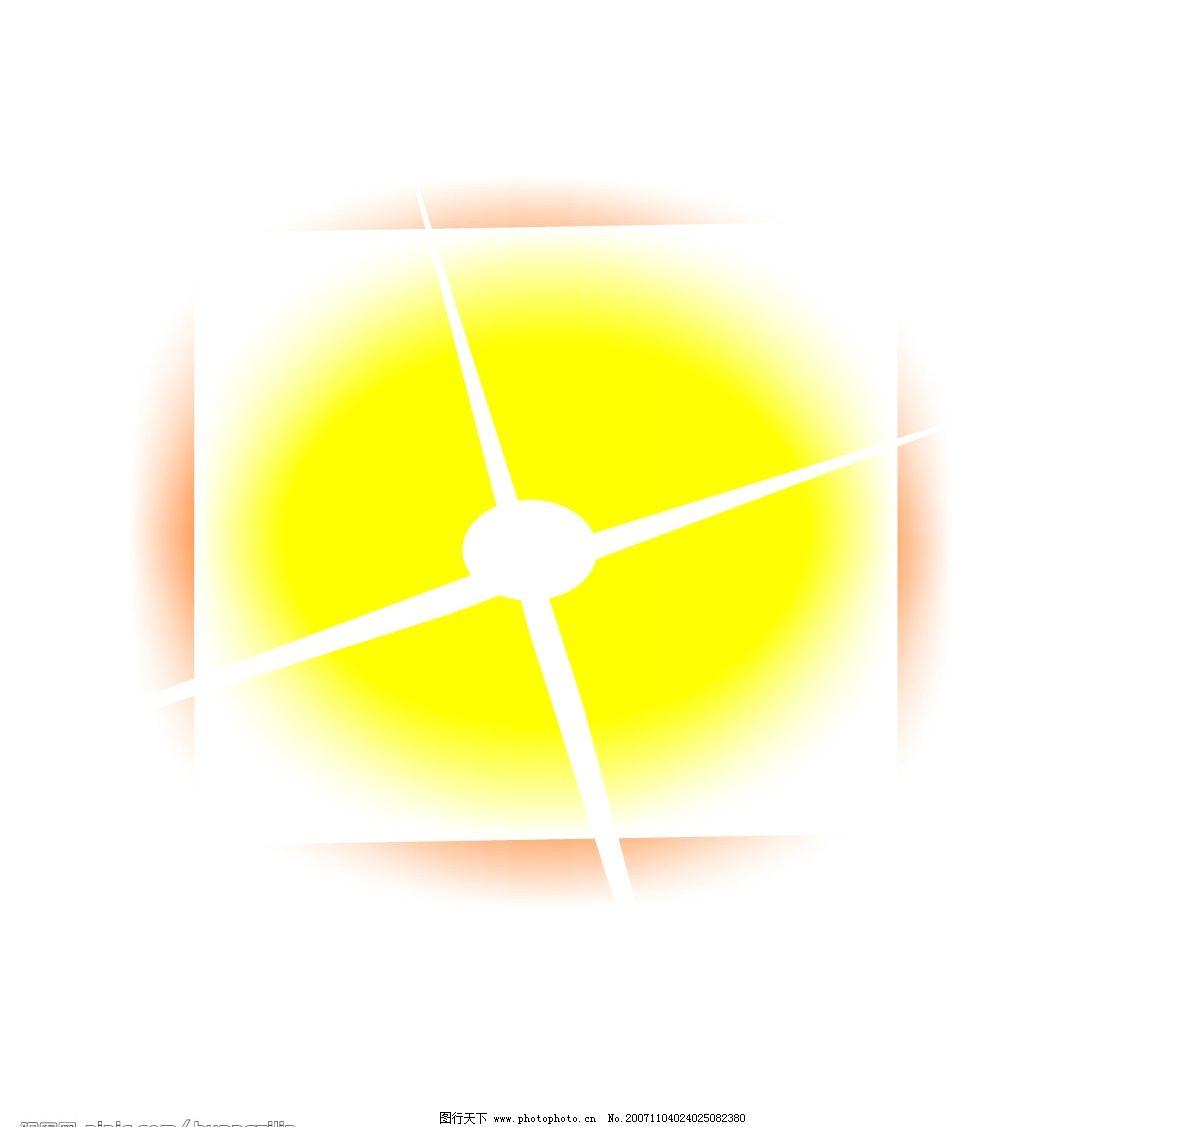 火红的太阳 黄色 红色 白色 自然风景 矢量图库